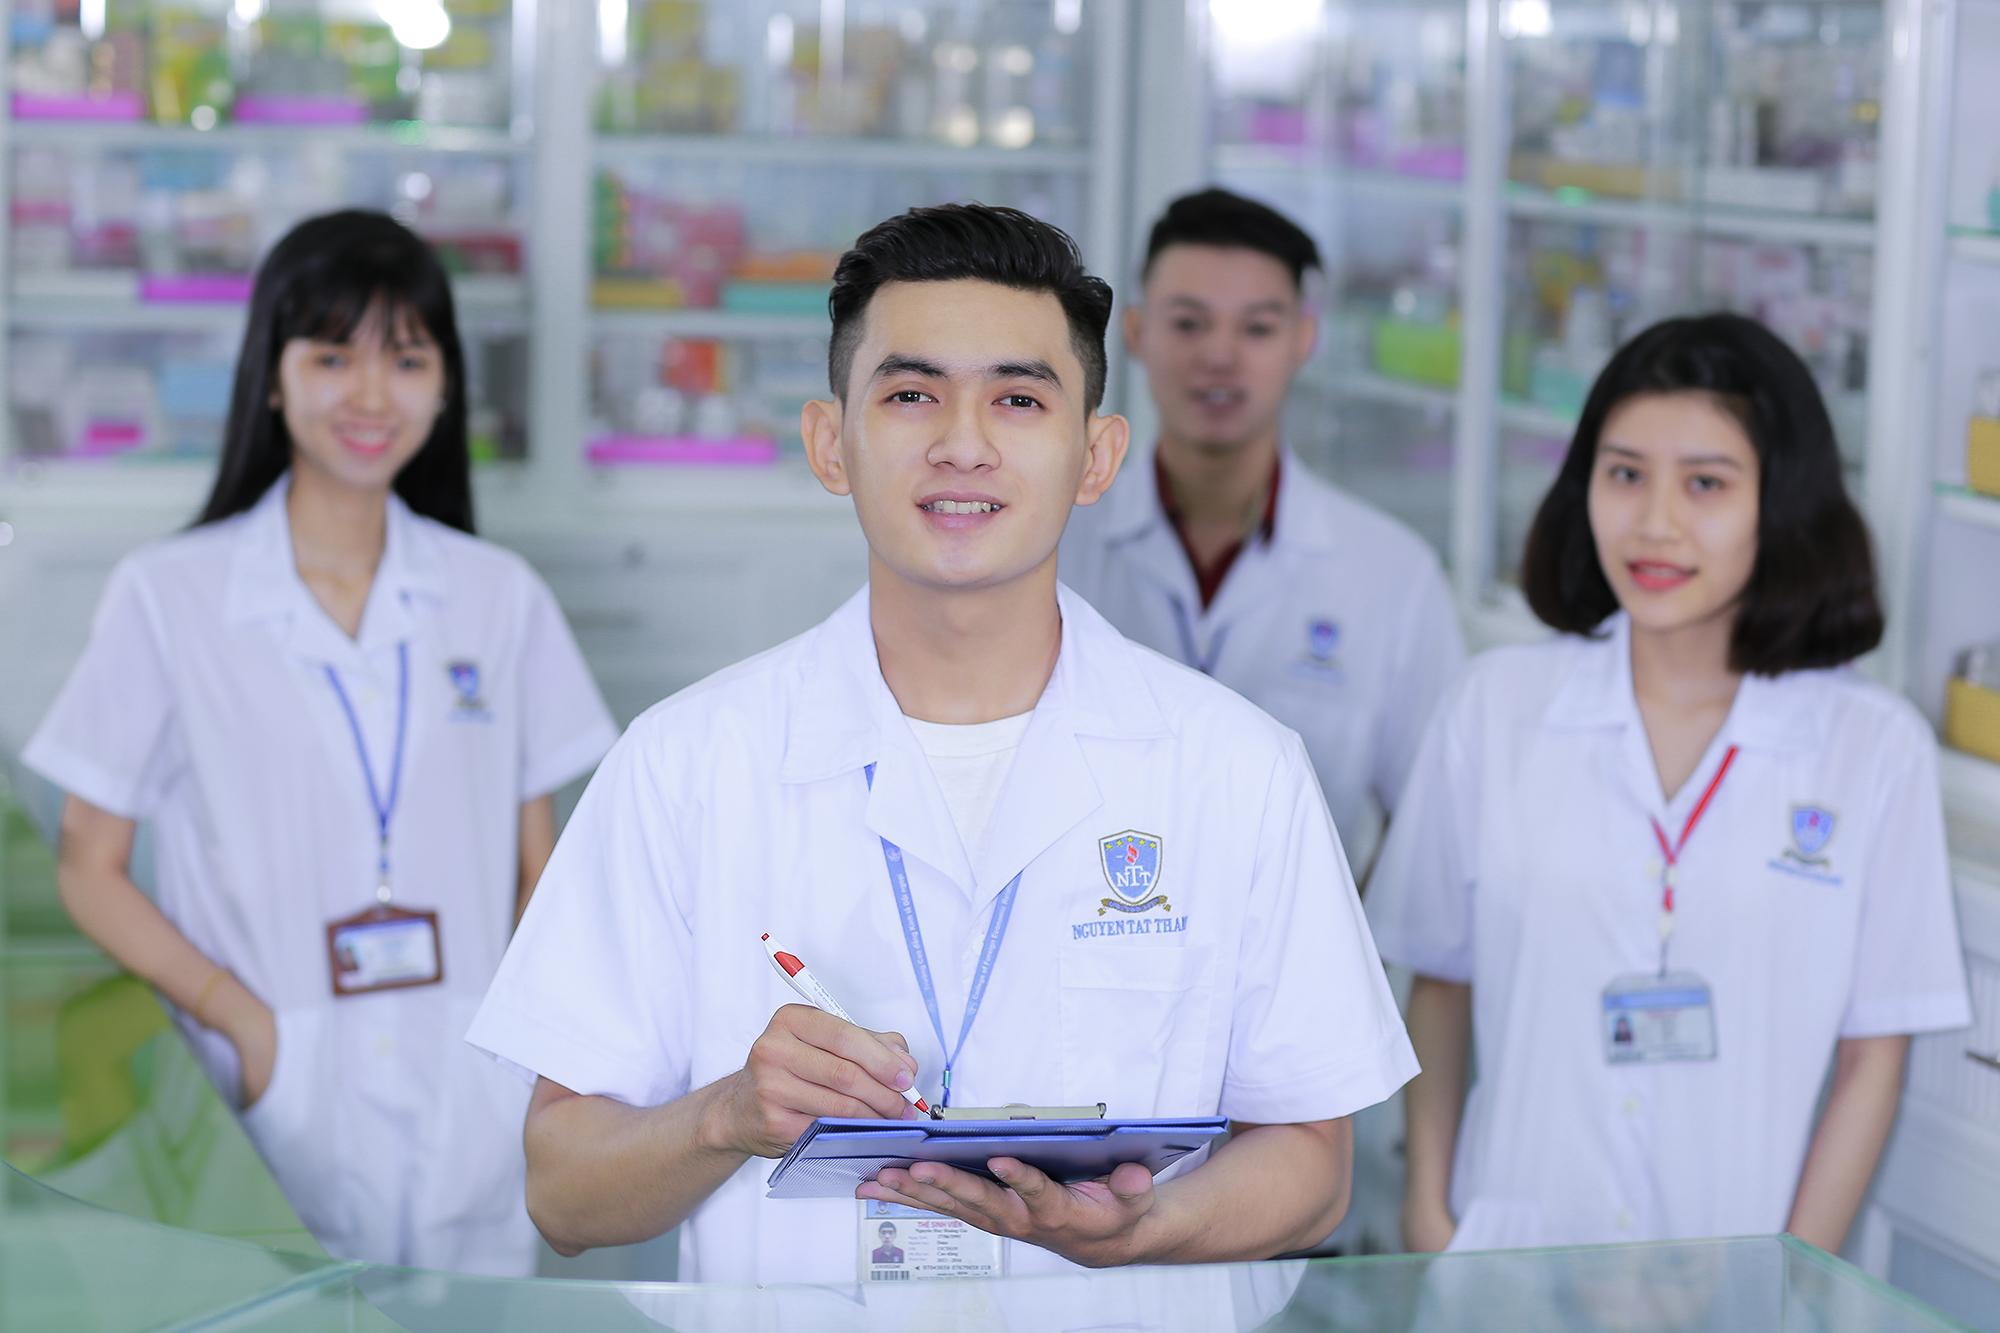 Tiêu chuẩn về trình độ đào tạo, bồi dưỡng chức danh nghề nghiệp dược sĩ chính